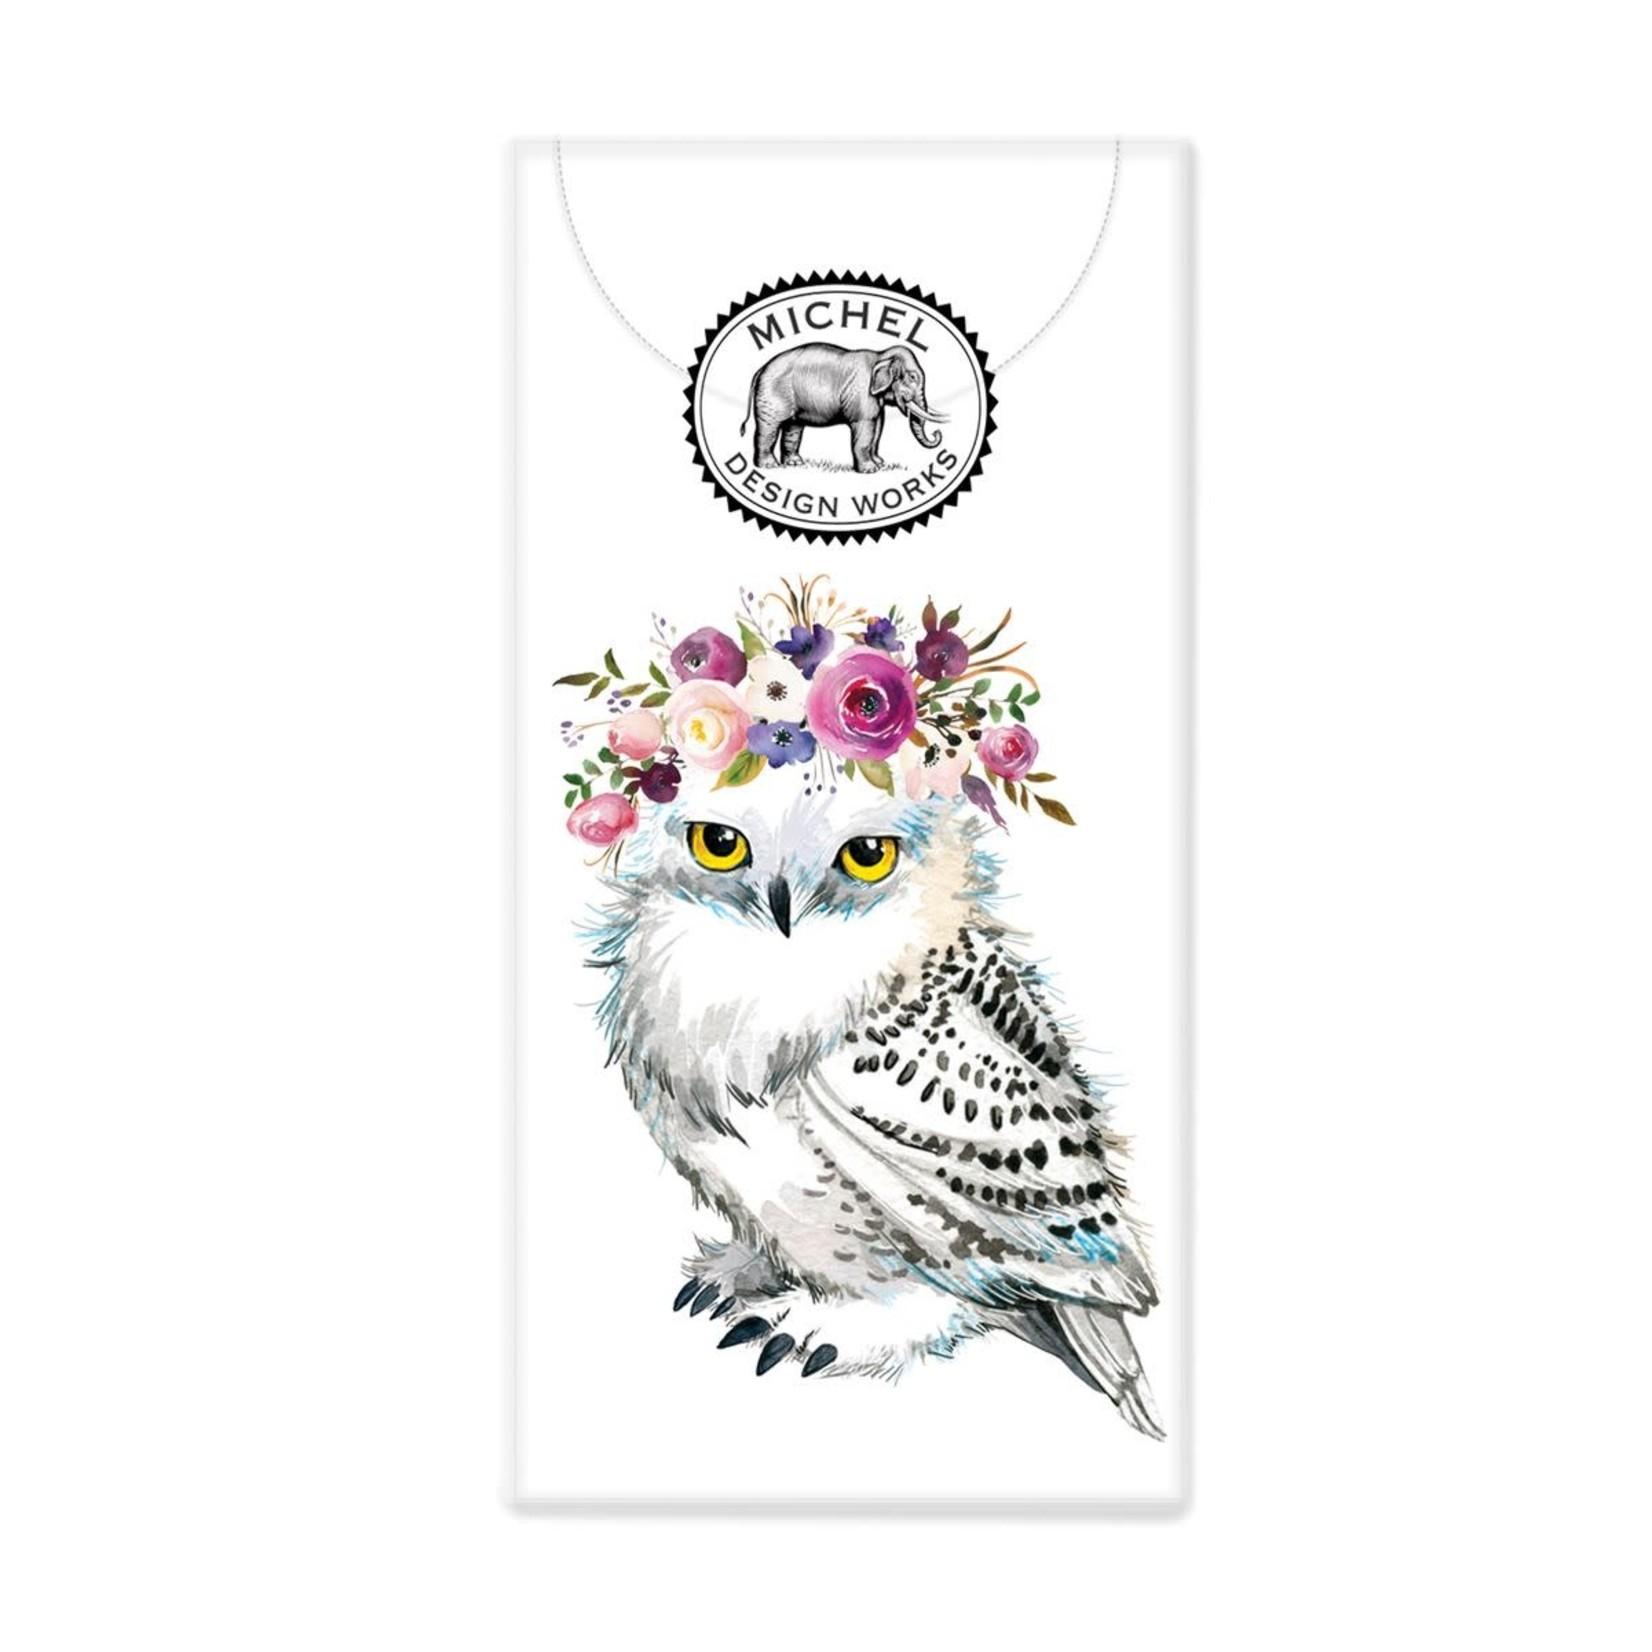 Michel Design Works Garden Party Owl Pocket Tissues